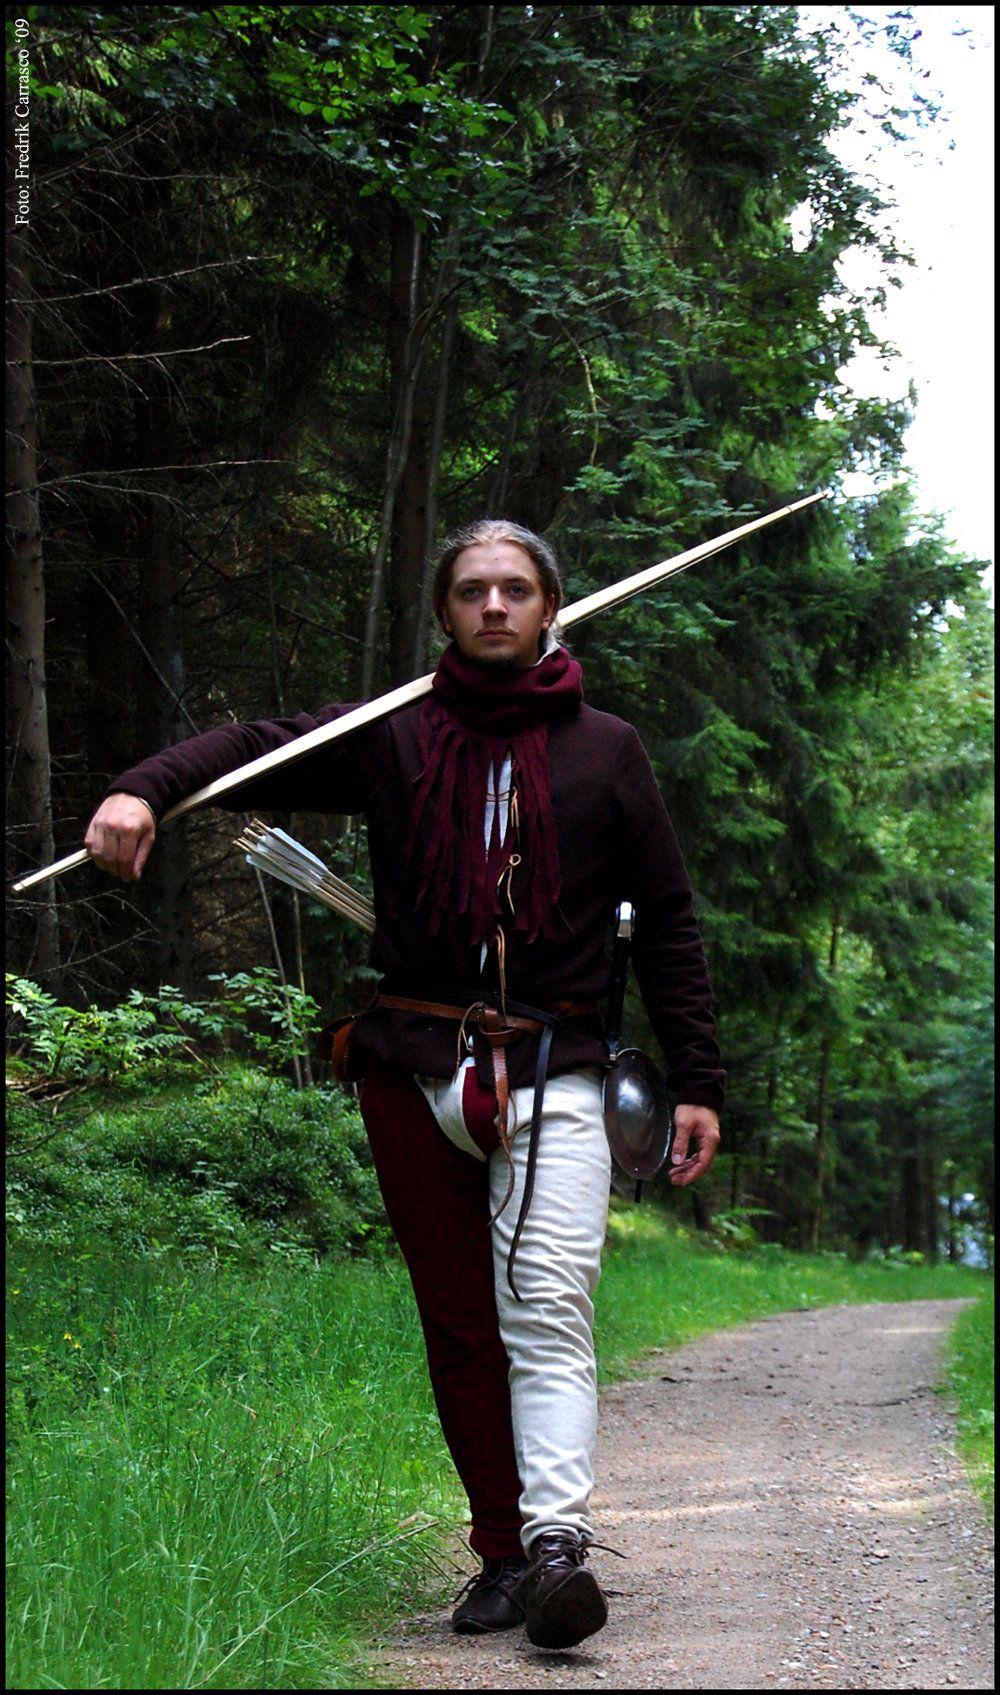 15th Century archer 5 by Skane-Smeden.deviantart.com on @DeviantArt